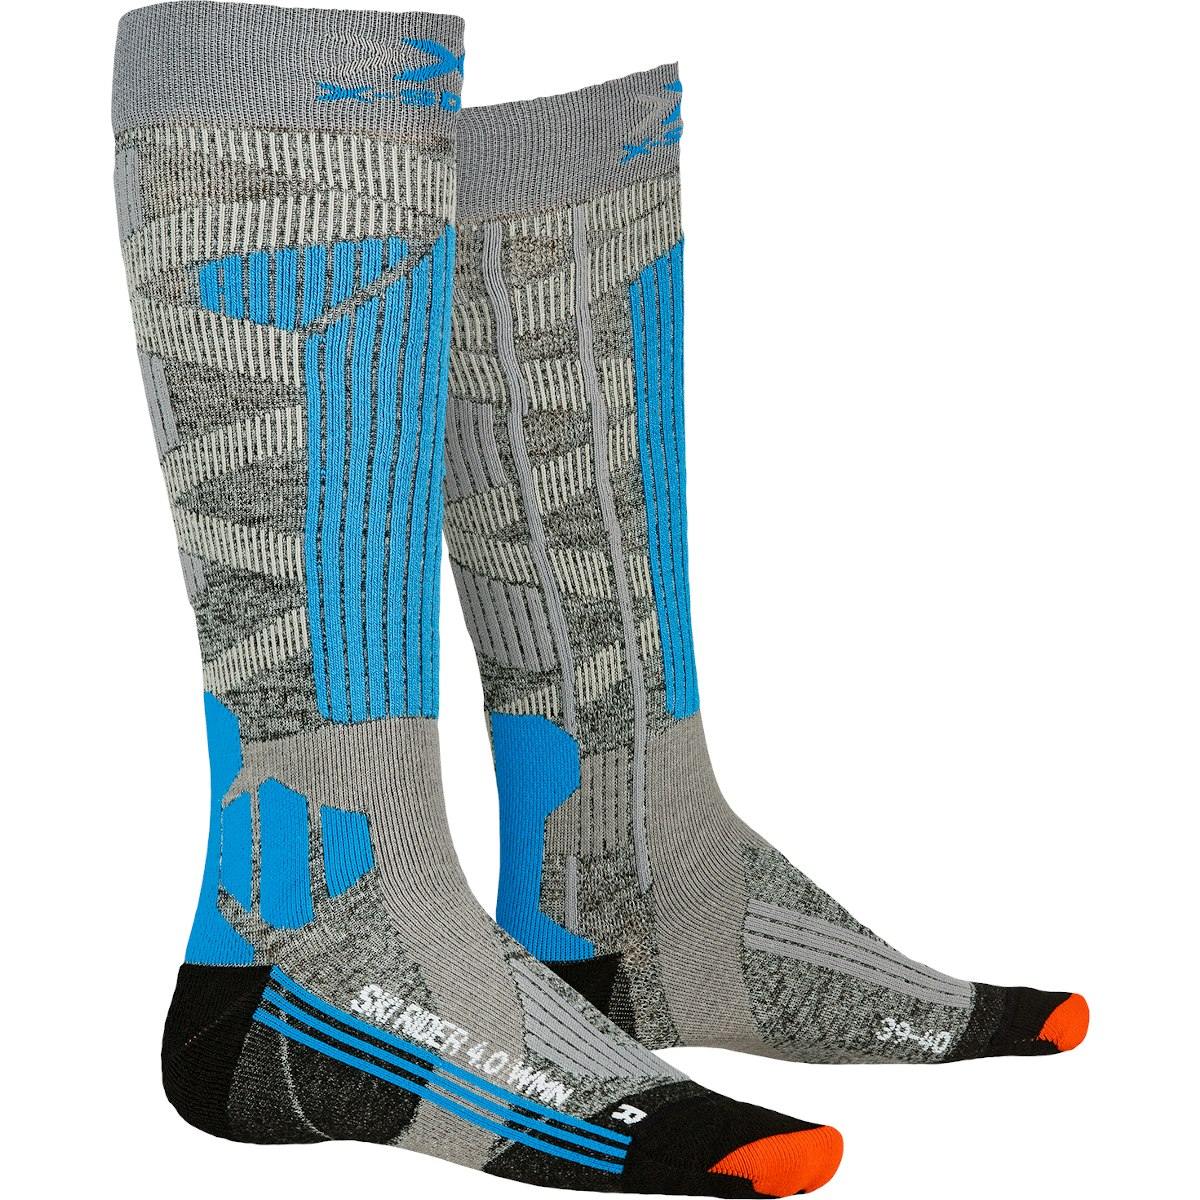 Bild von X-Socks Ski Rider 4.0 Socken für Damen - stone grey melange/turquoise